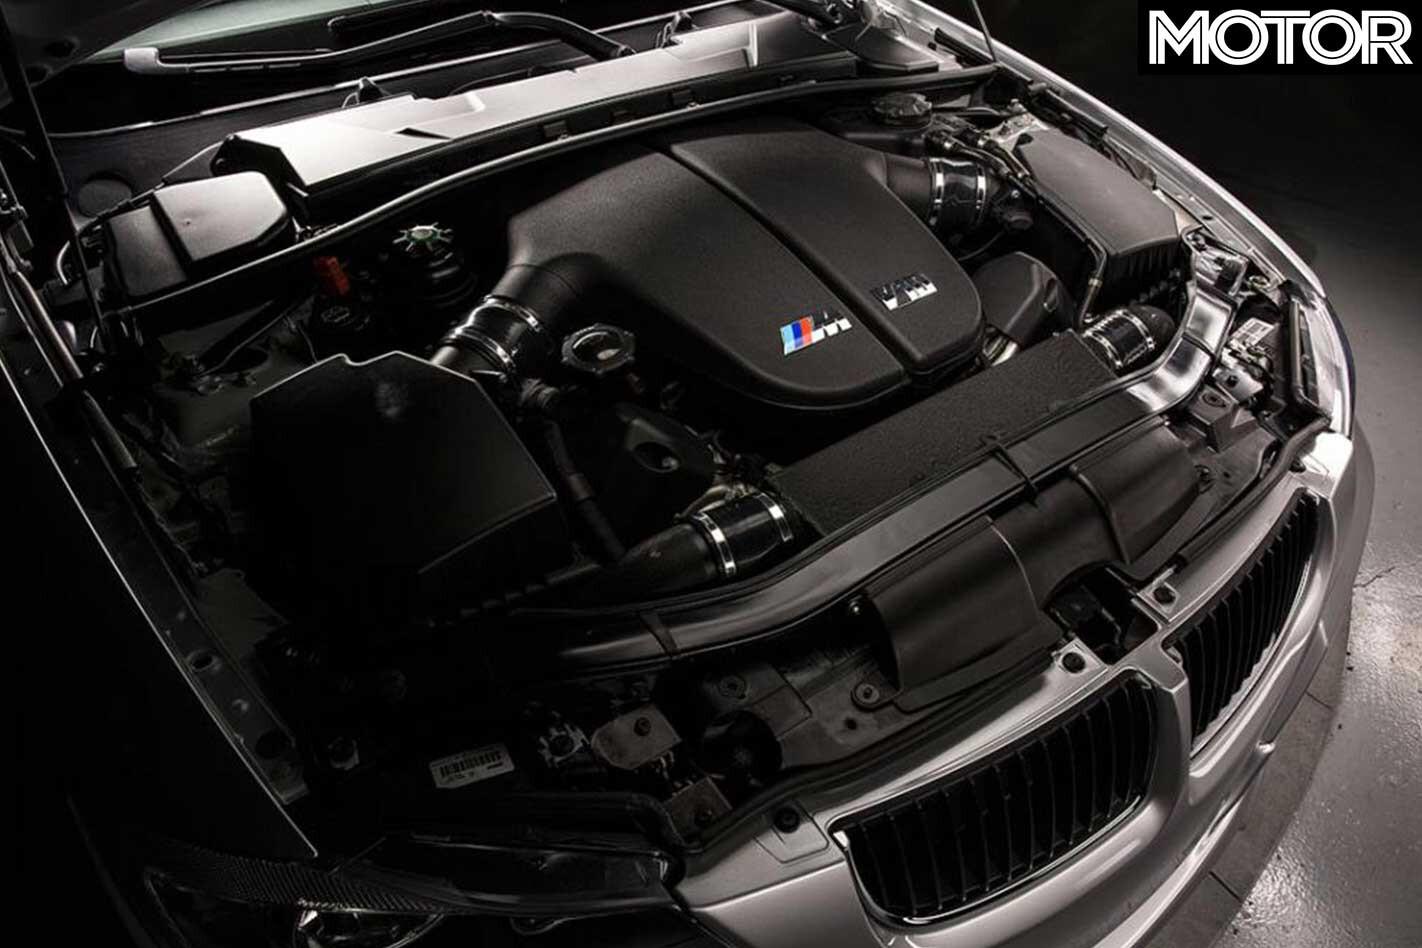 2006 BMW Hartge H 50 V 10 Engine Jpg